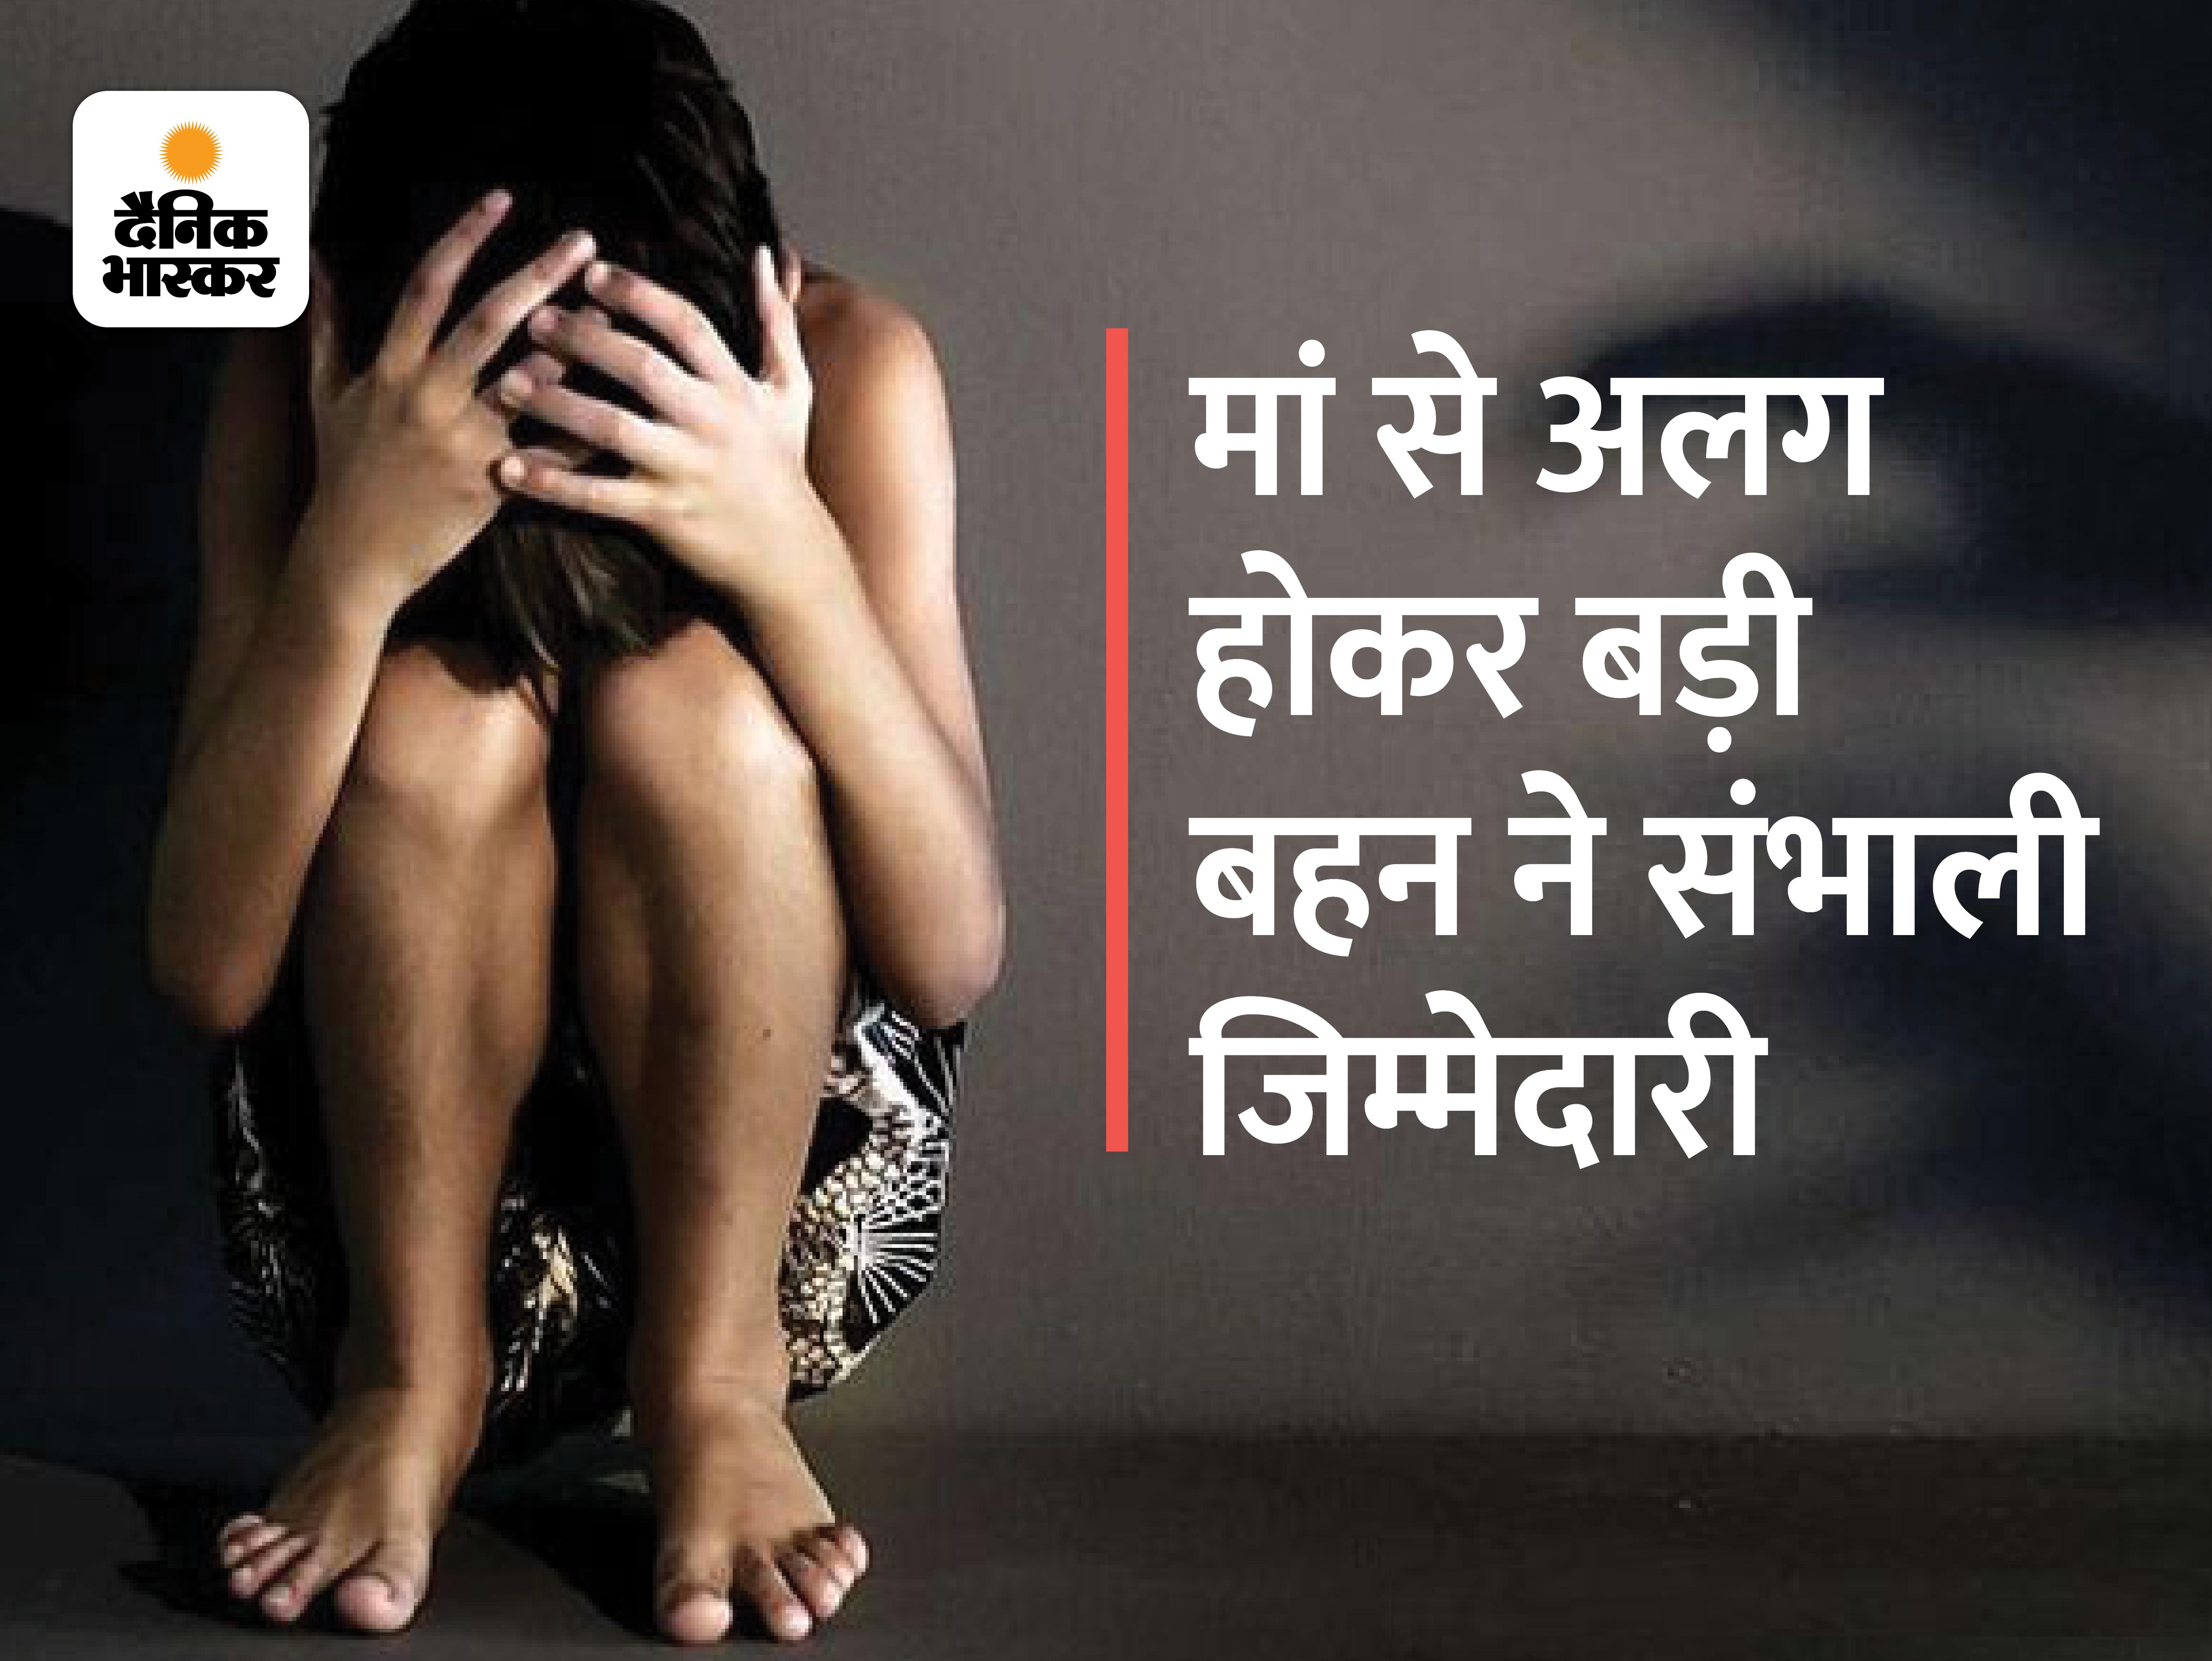 पति से अनबन पर 3 बेटियों को लेकर लिव इन में रहने लगी महिला, उसी युवक ने छोटी बेटी से 2 साल तक दुष्कर्म किया; मां ने चुप कराया तो बड़ी बहन ने कराया केस|जयपुर,Jaipur - Dainik Bhaskar